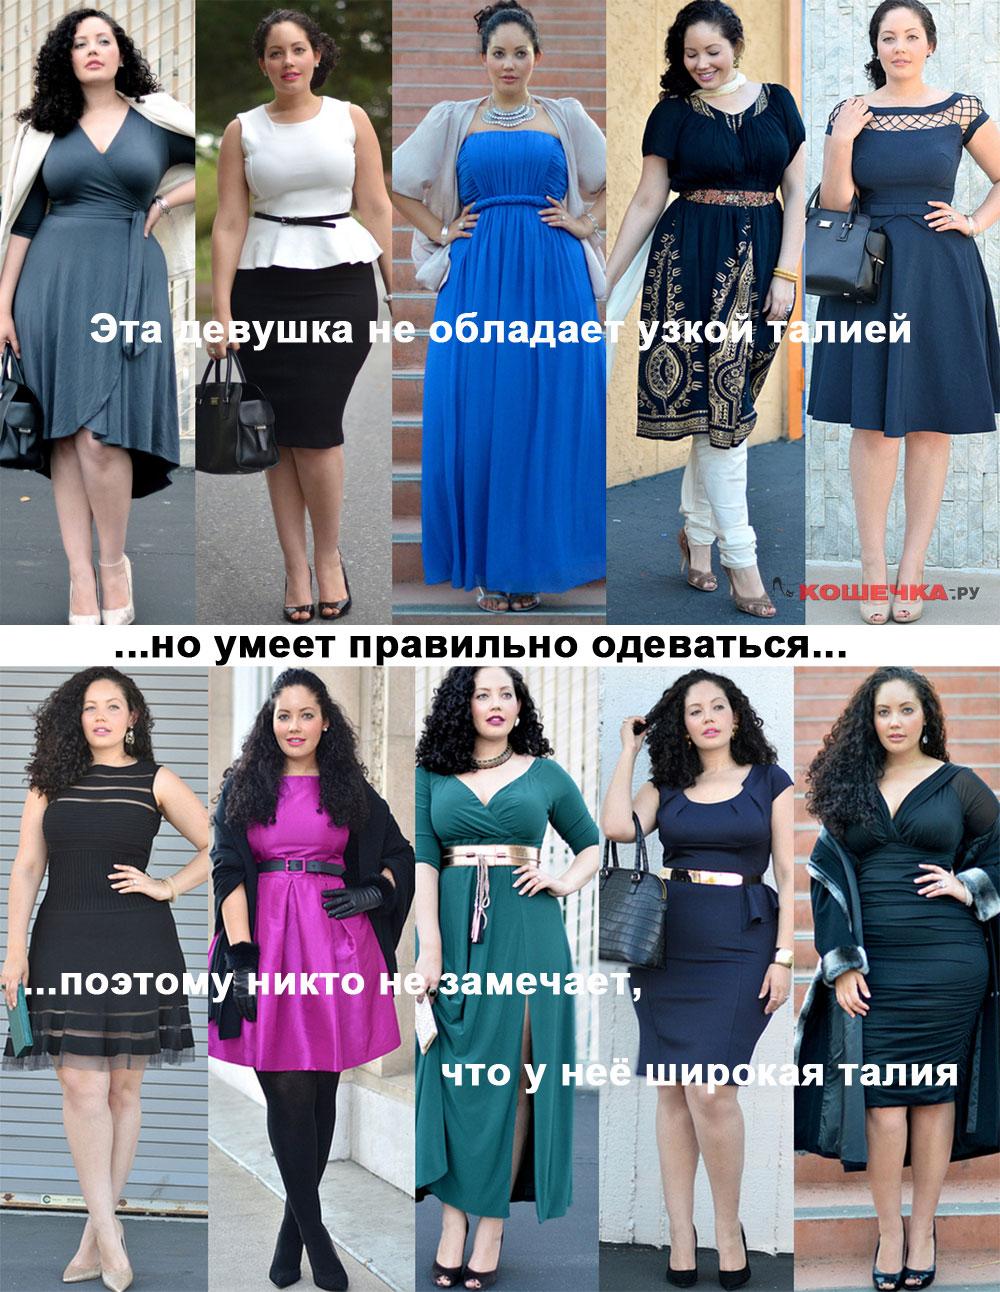 Как правильно одеваться тем, у кого талия не узкая